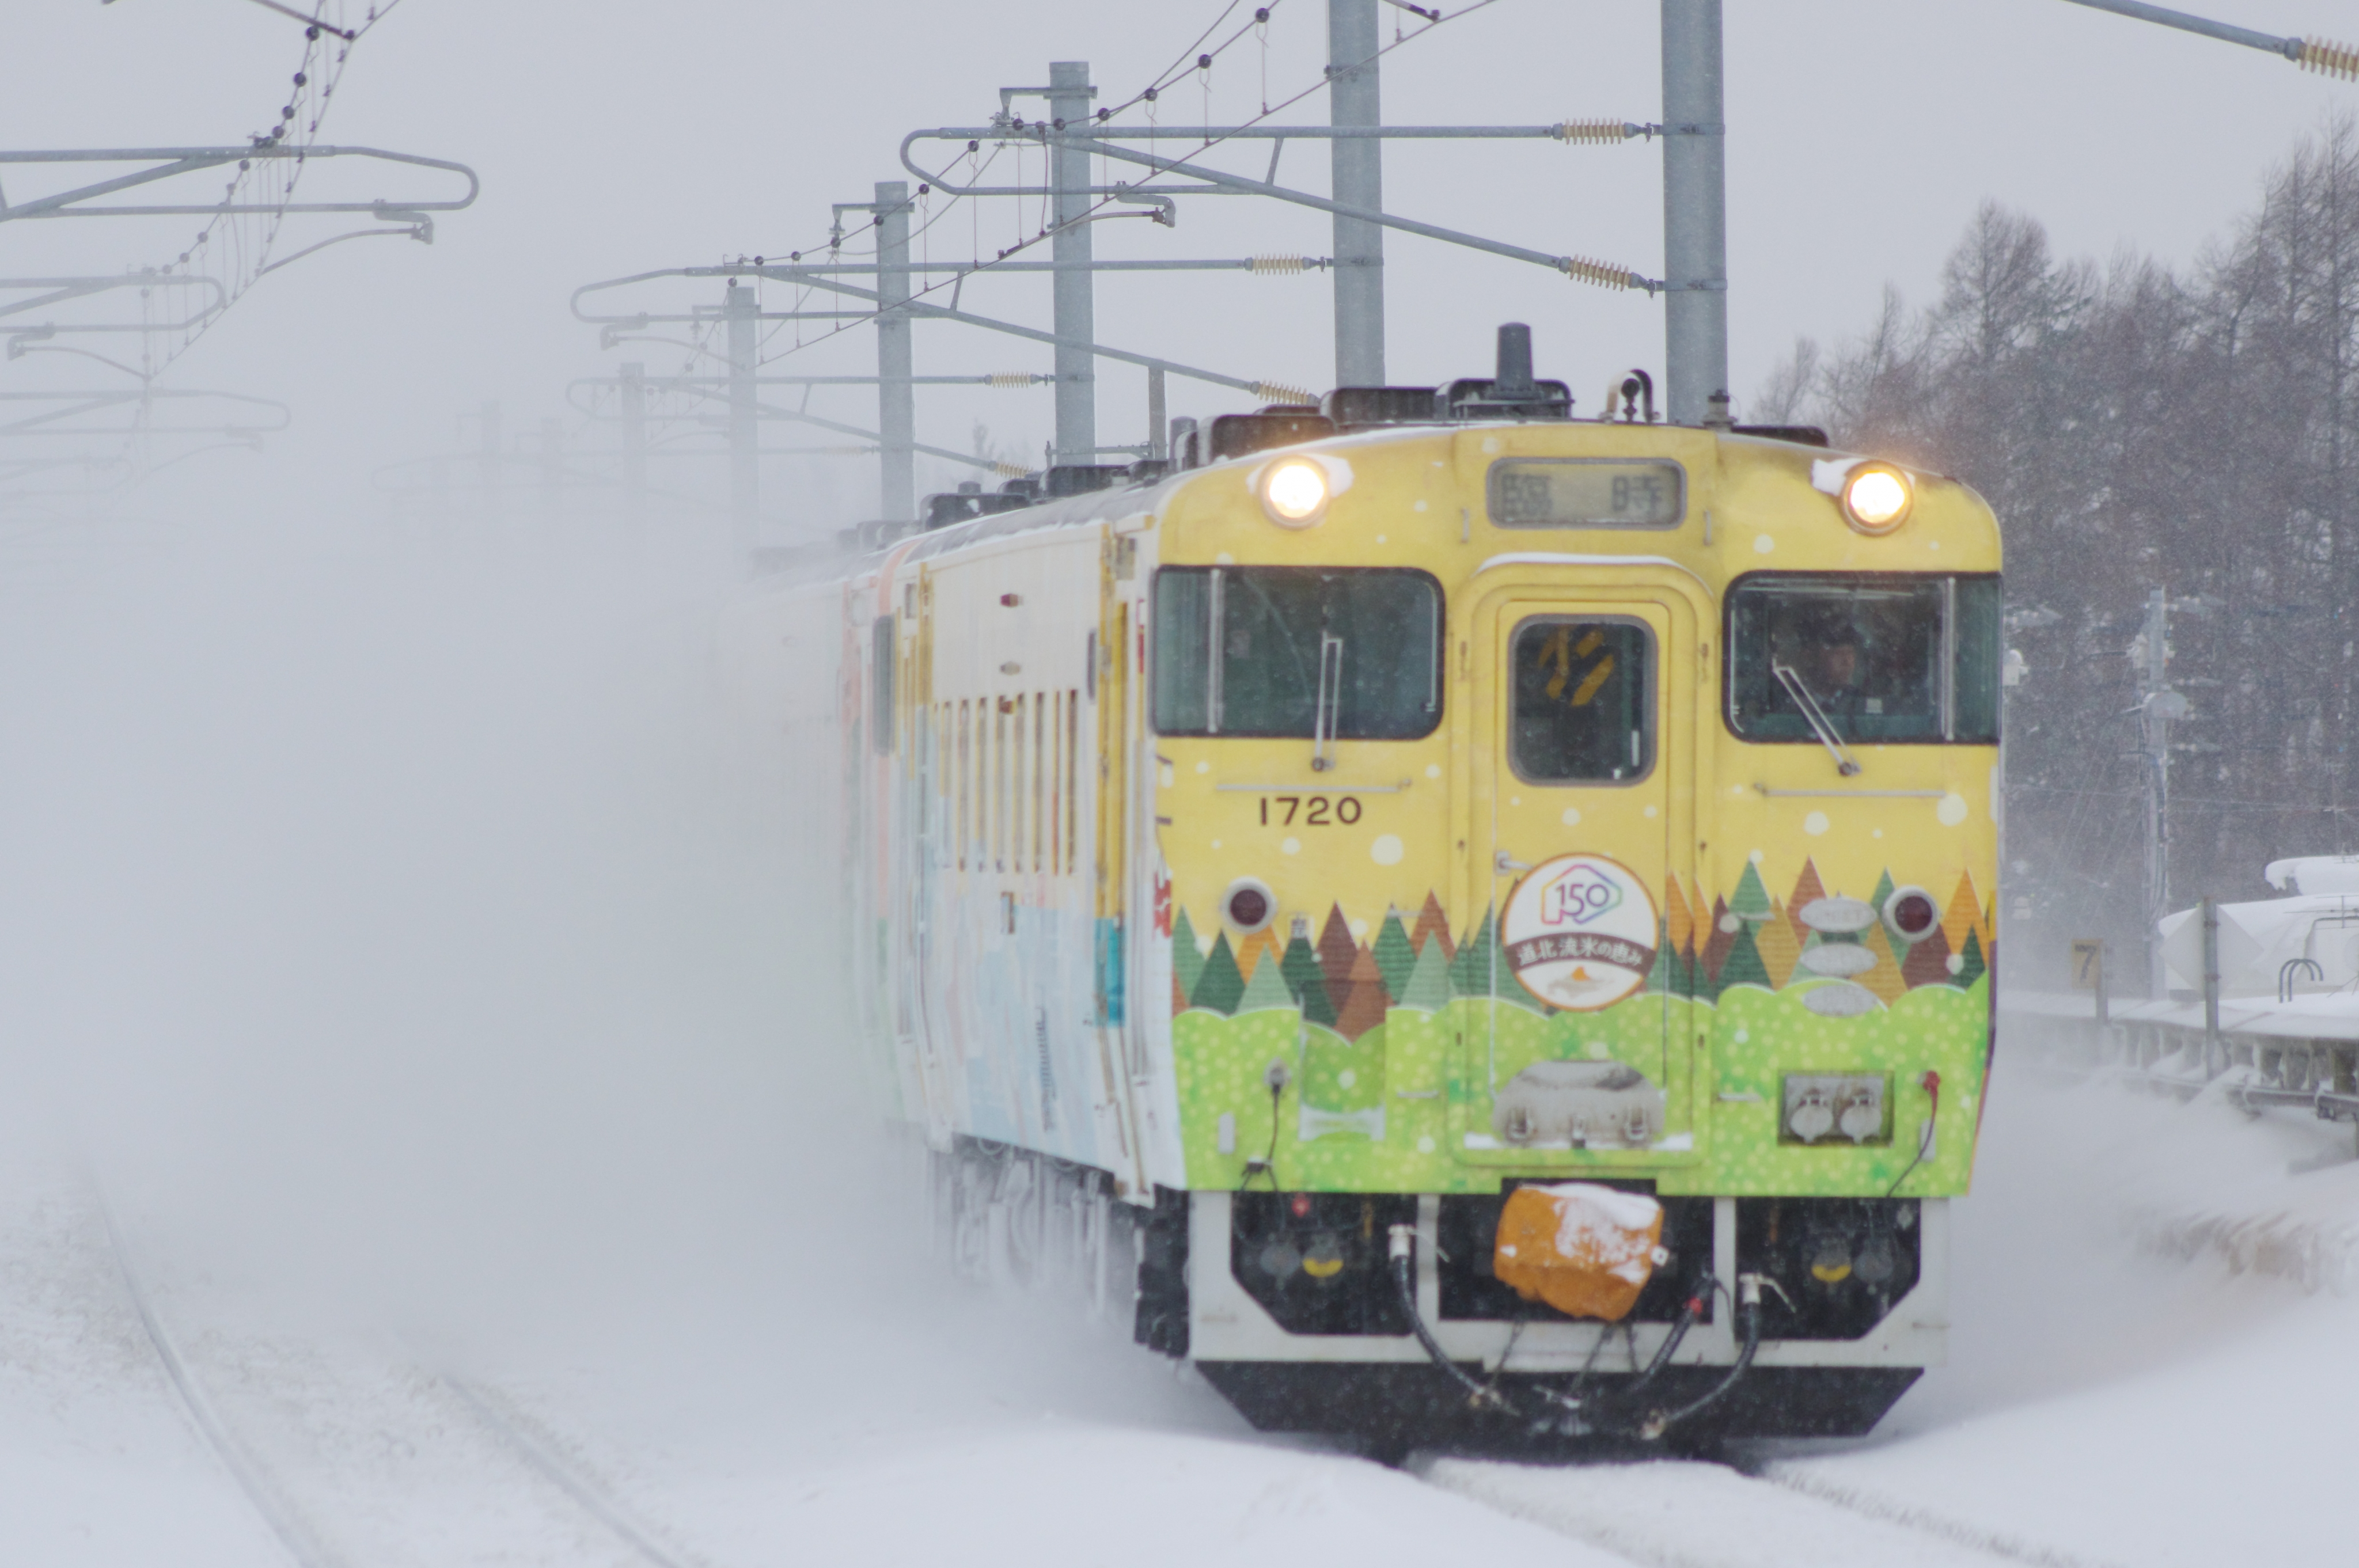 キハ40 団臨 元気です 夕張号 野幌駅_190202 (3).jpg